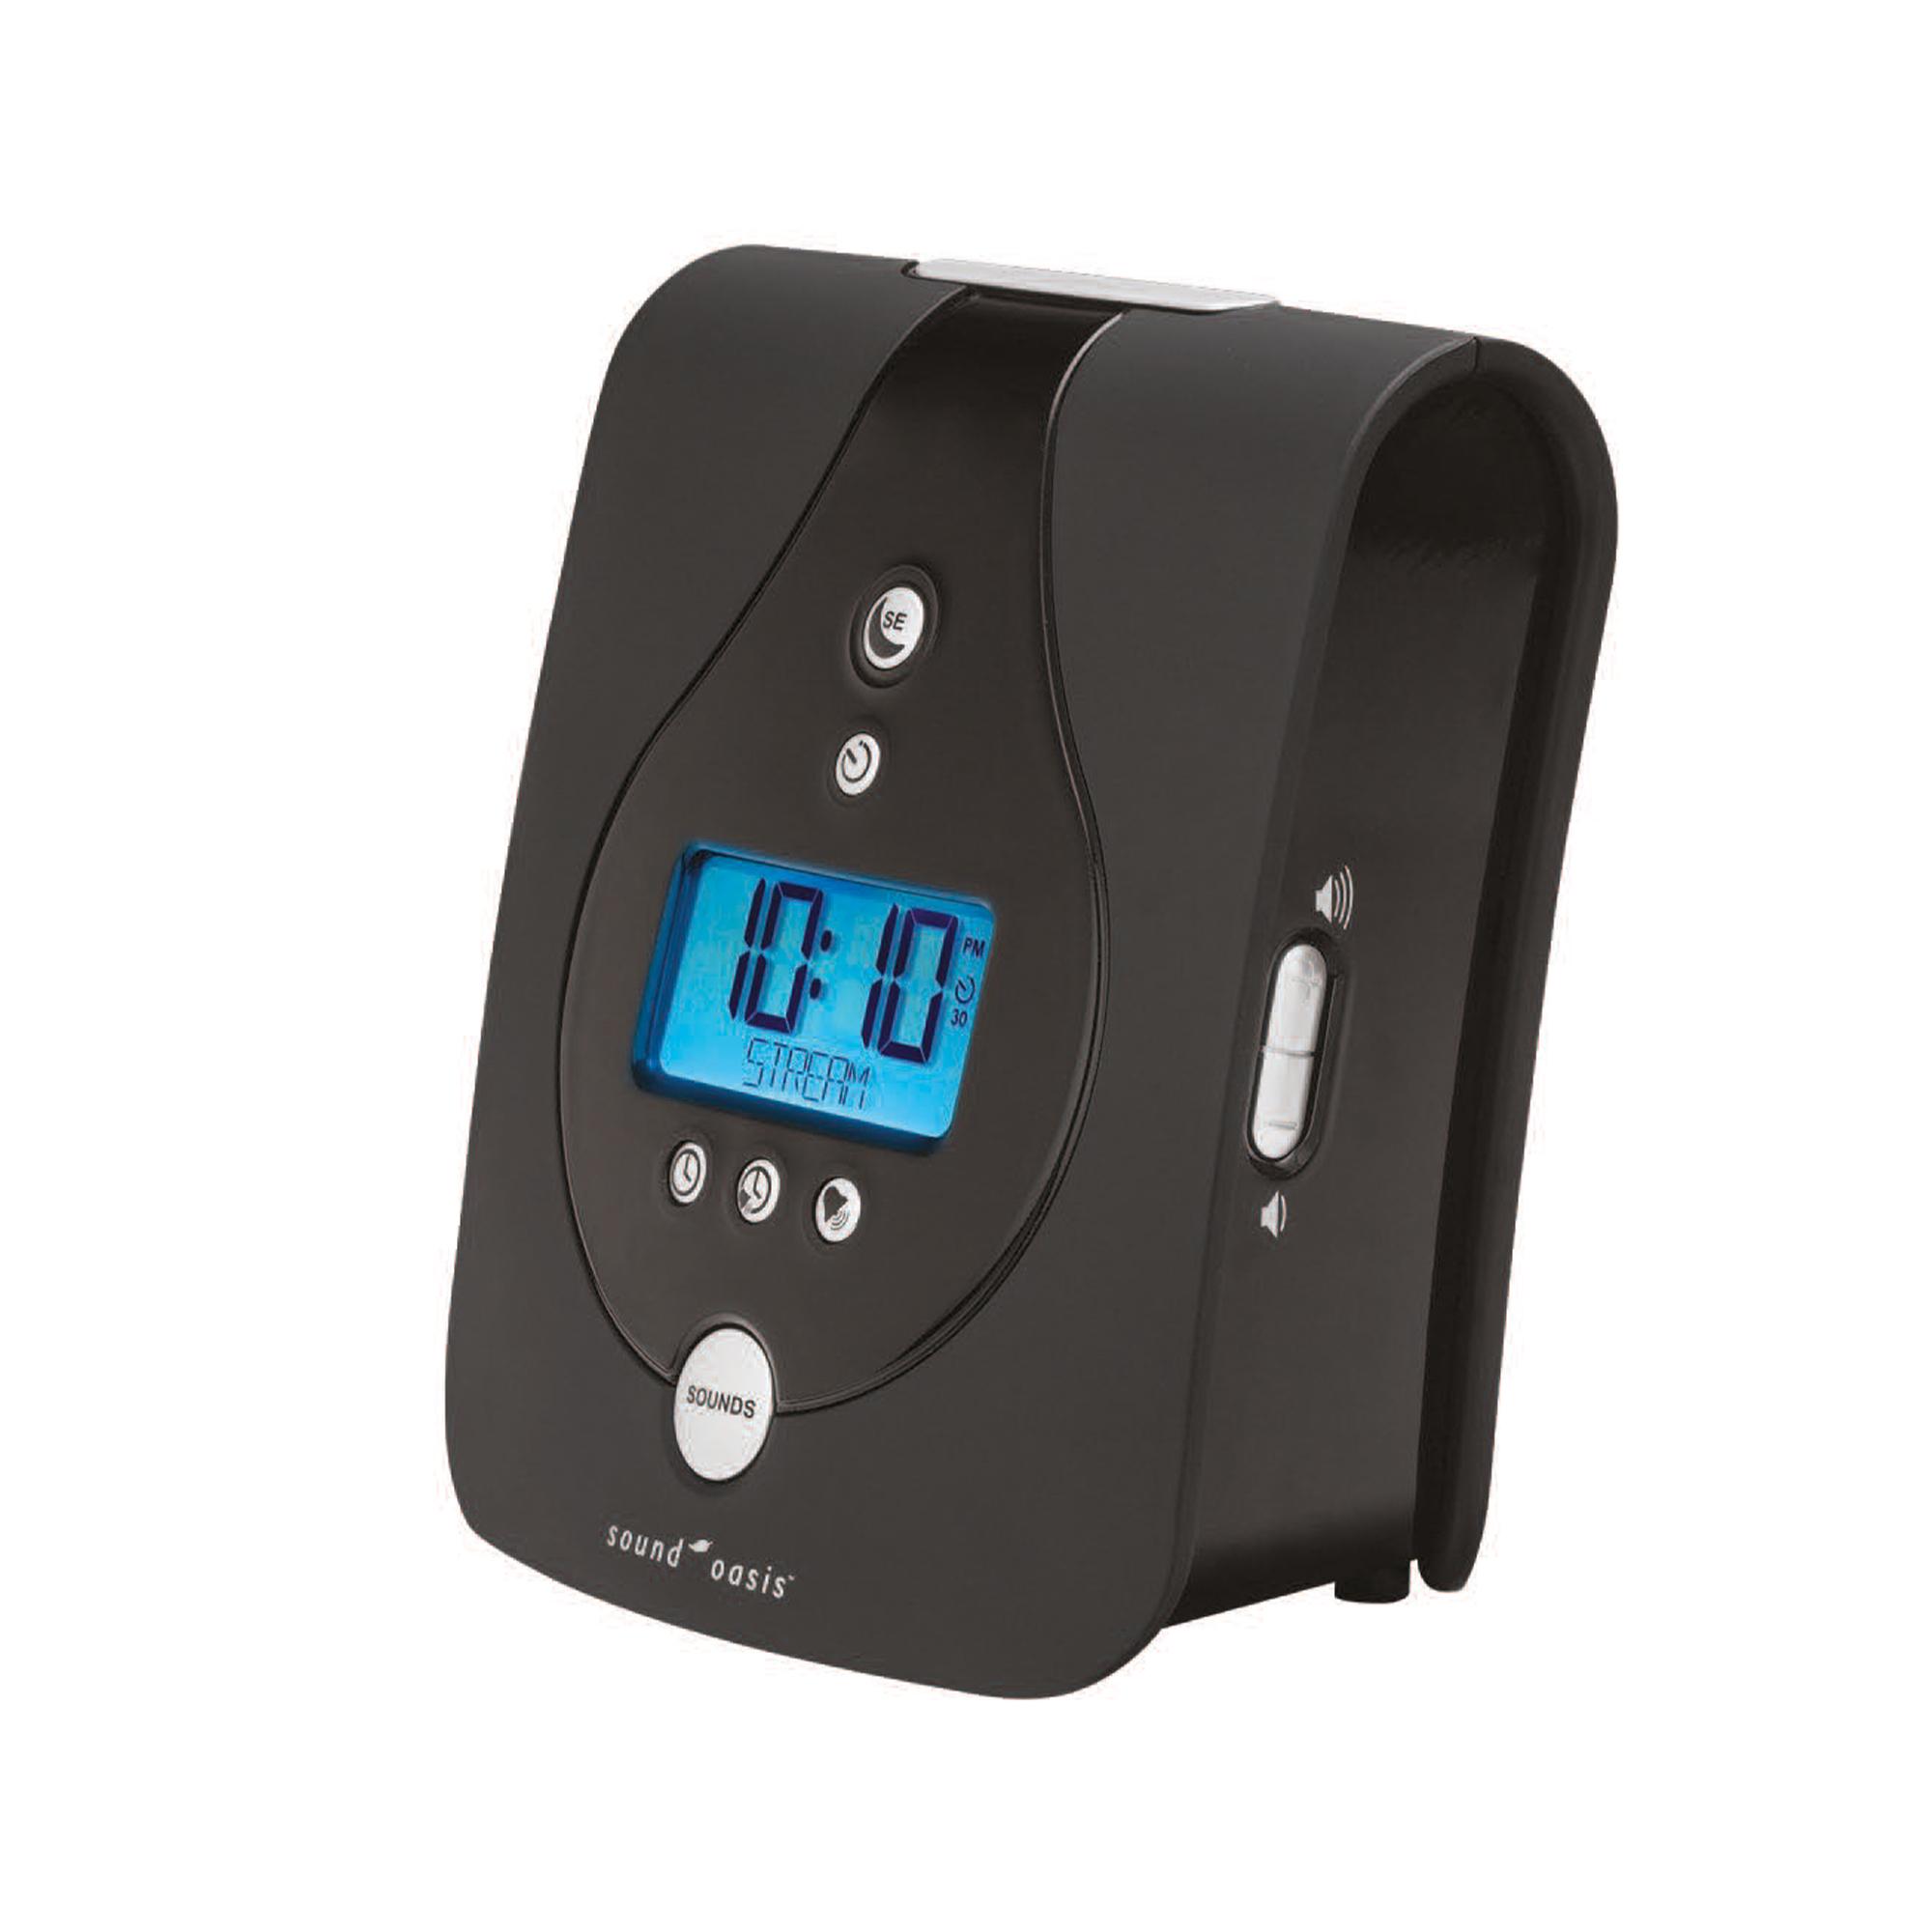 S-680-02 väckarklocka